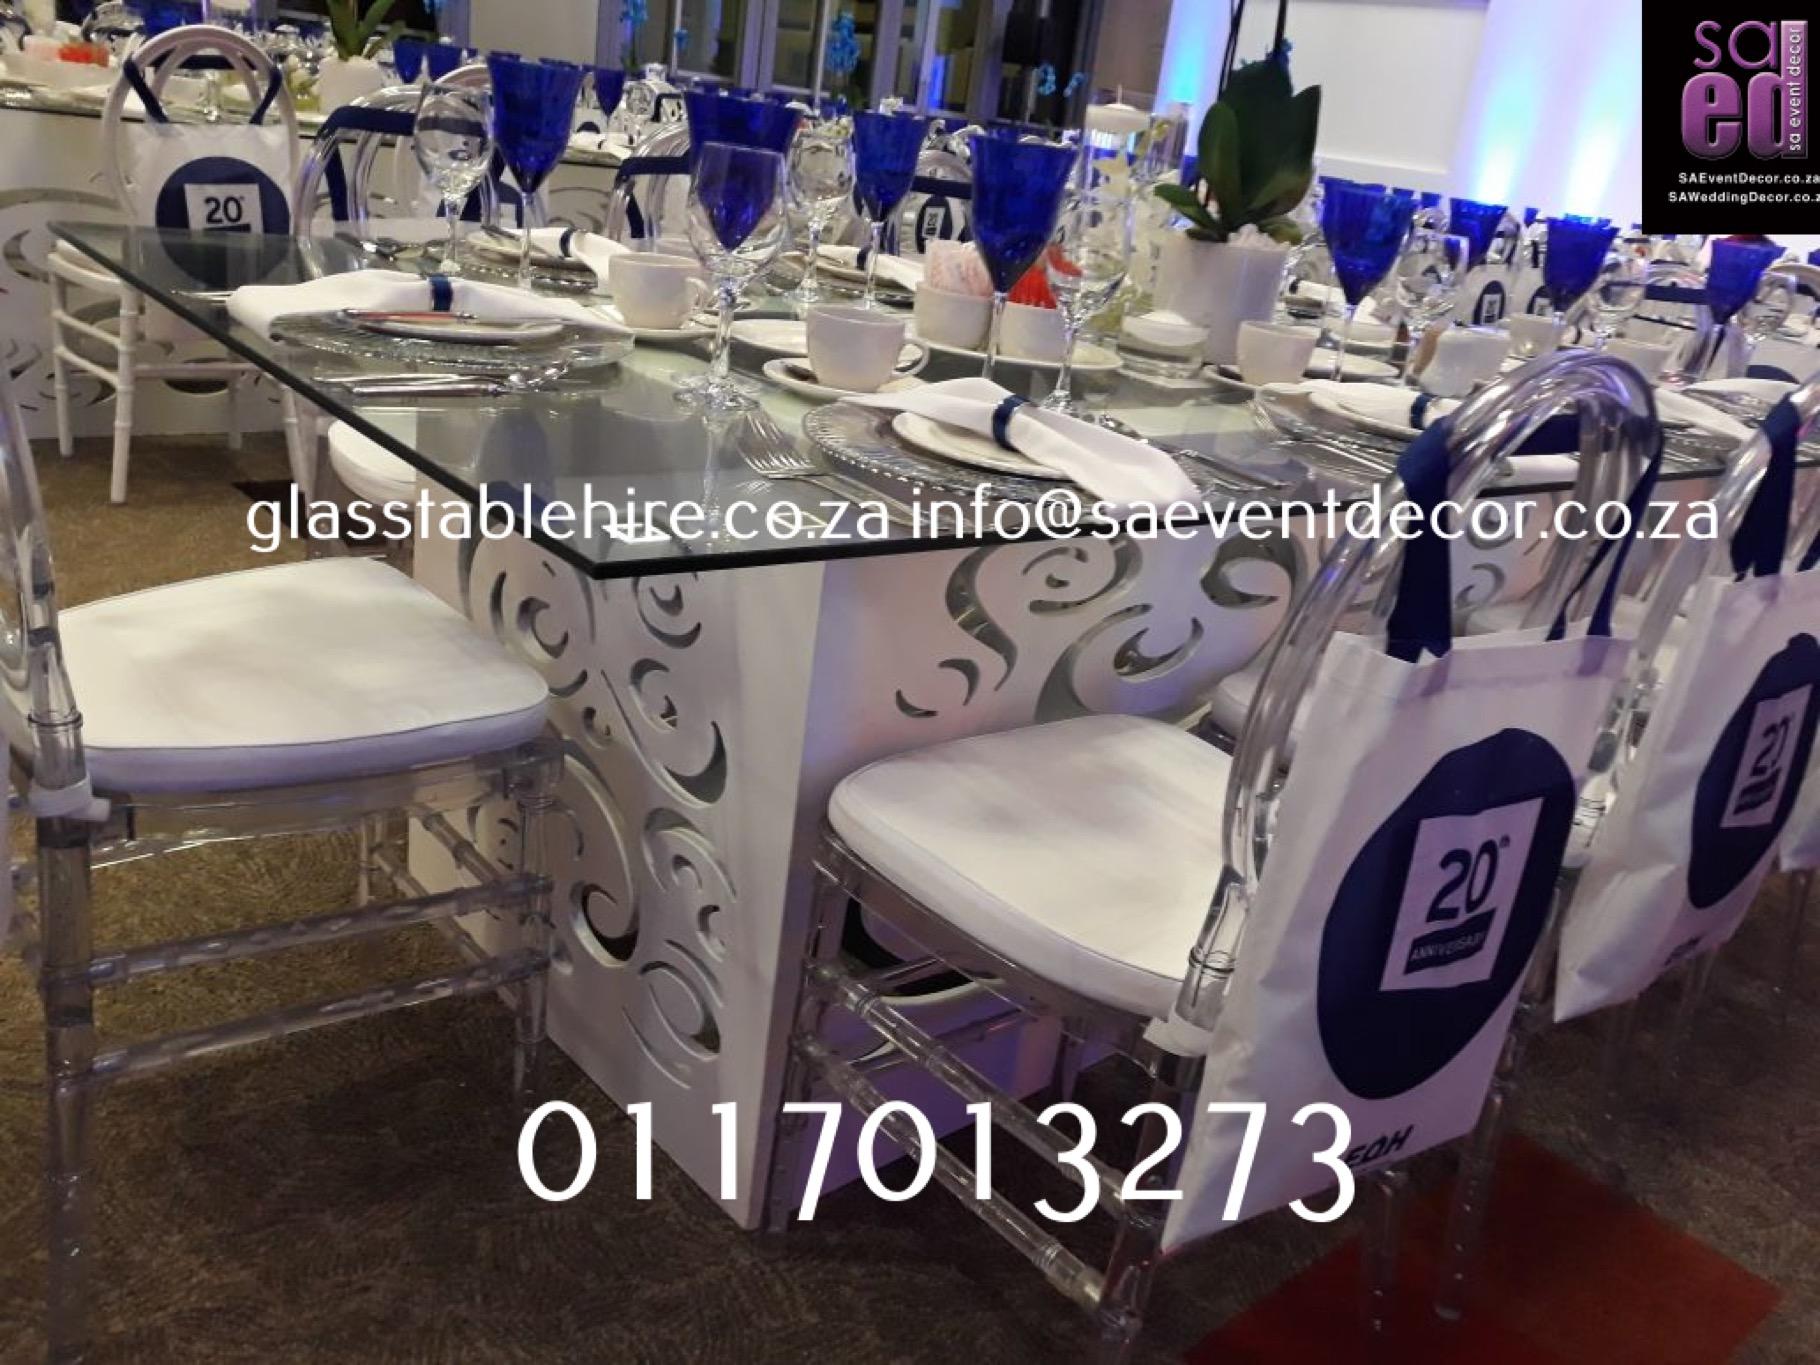 Sandton Convention Centre - Blue & White Cocktail Event